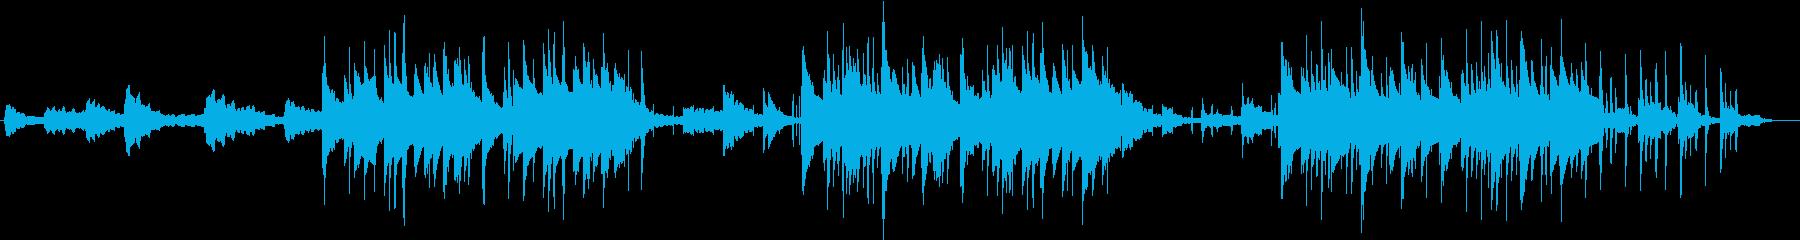 ゆったりとした気分になれそうなピアノ曲の再生済みの波形